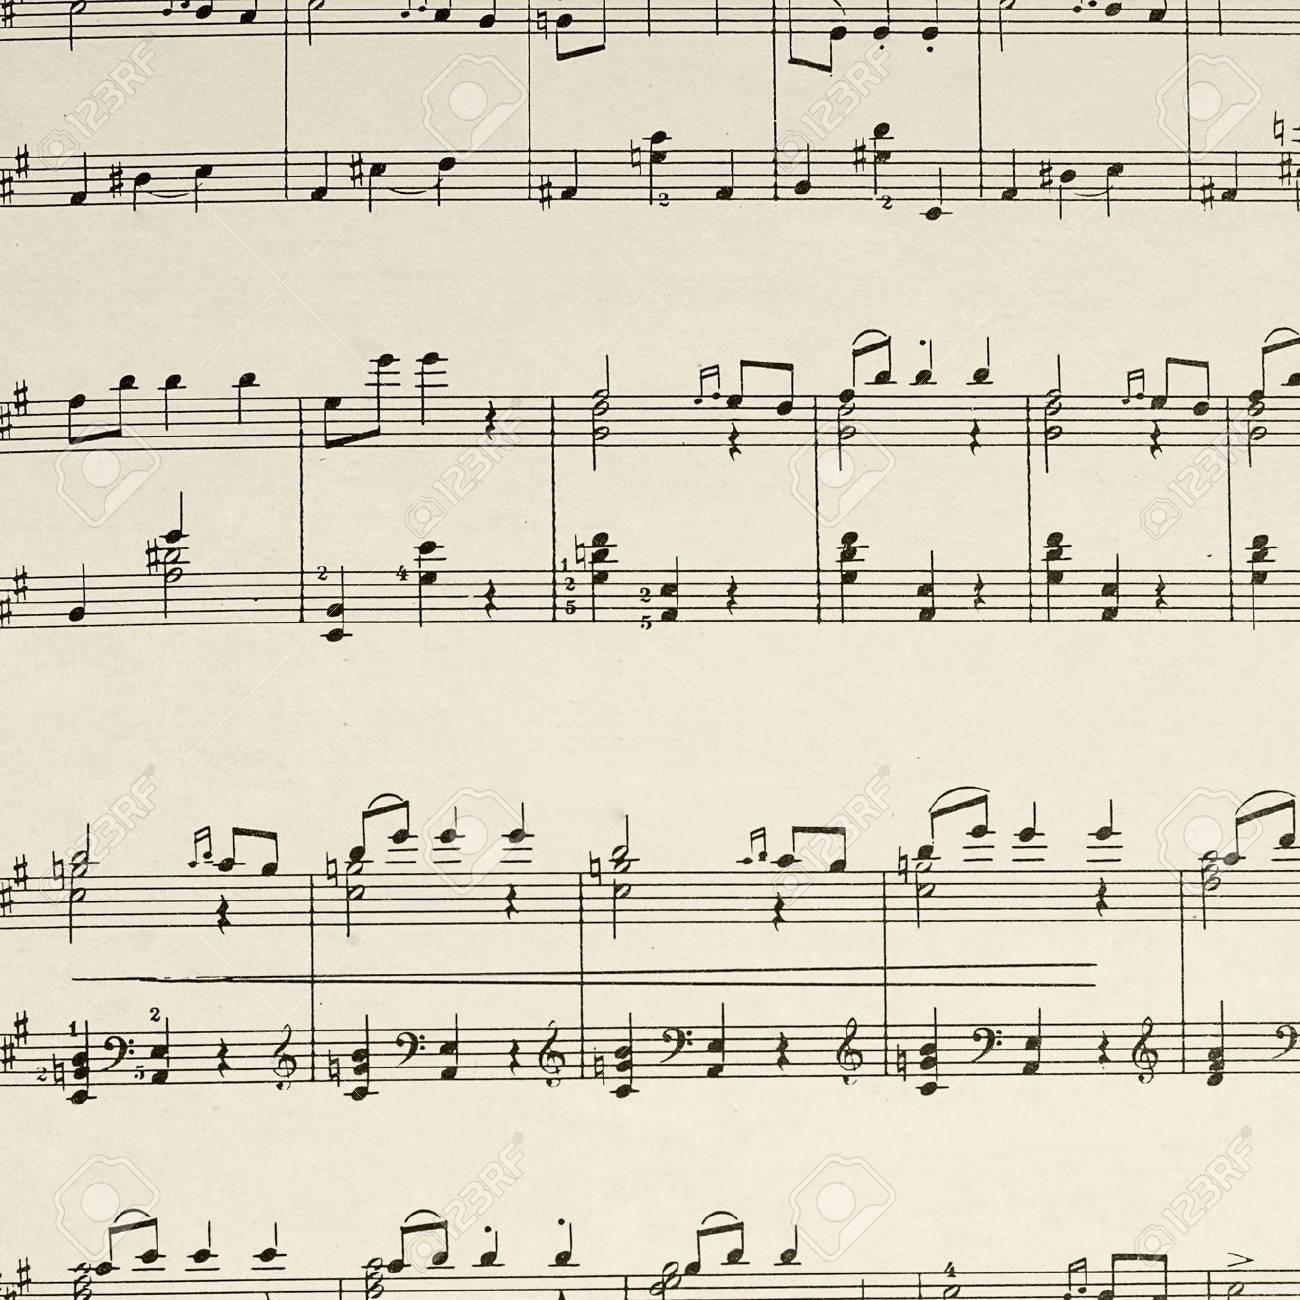 La Página De La Hoja De Música - La Composición De Beethoven Fotos ...